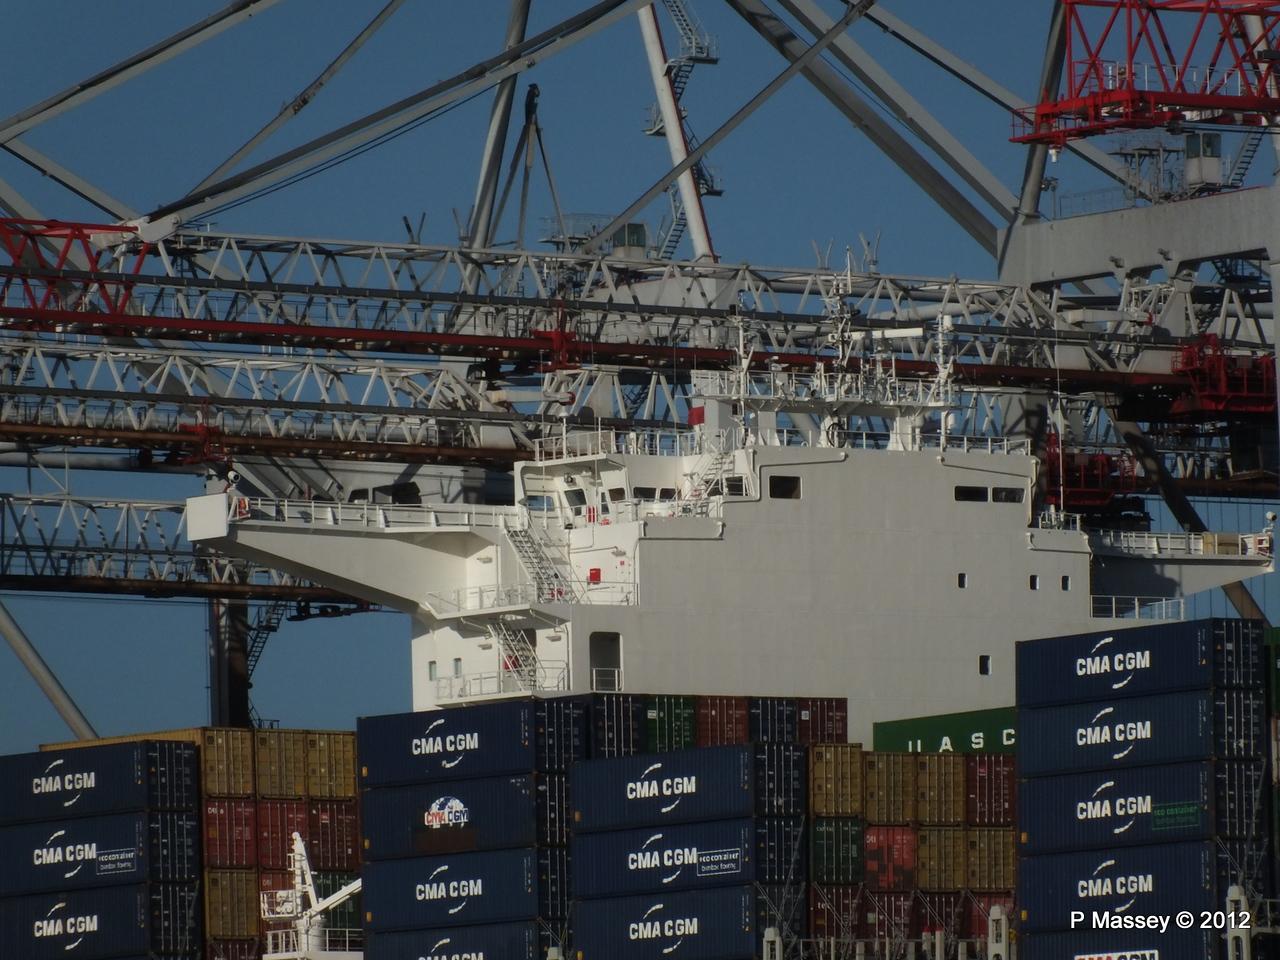 CMA CGM MARCO POLO Southampton PDM 10-12-2012 13-20-50